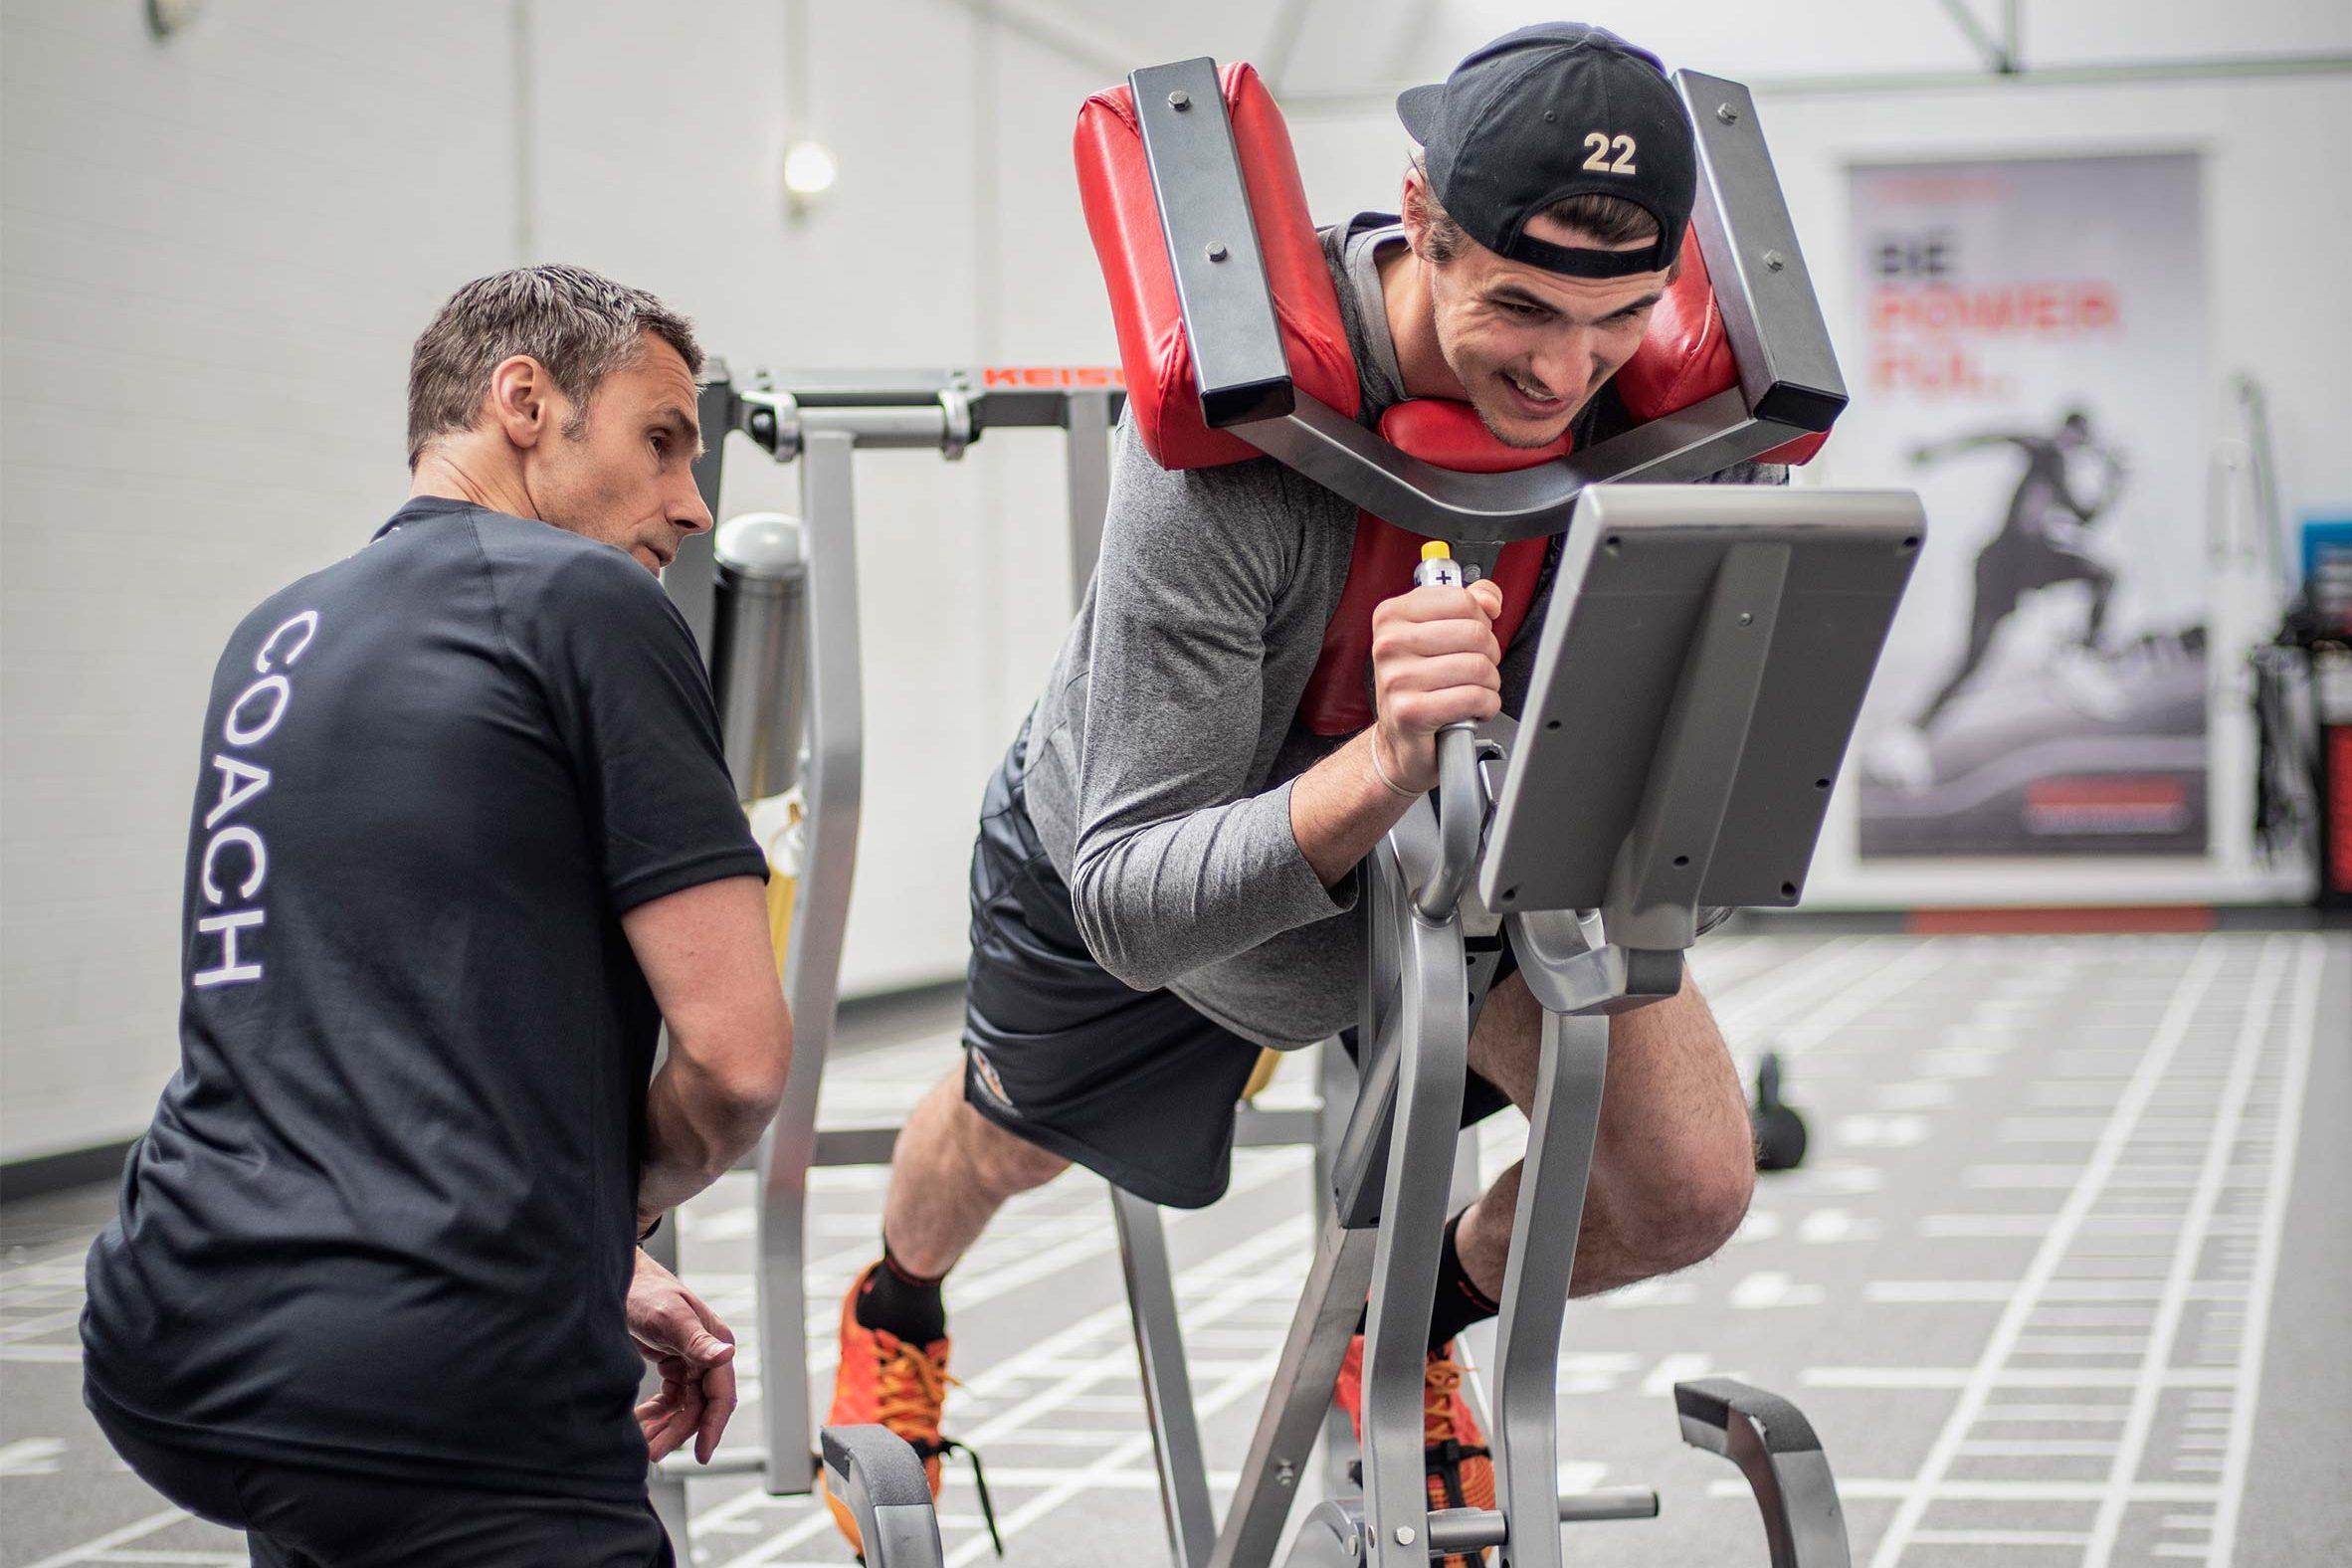 Personal Training Keiser Runner